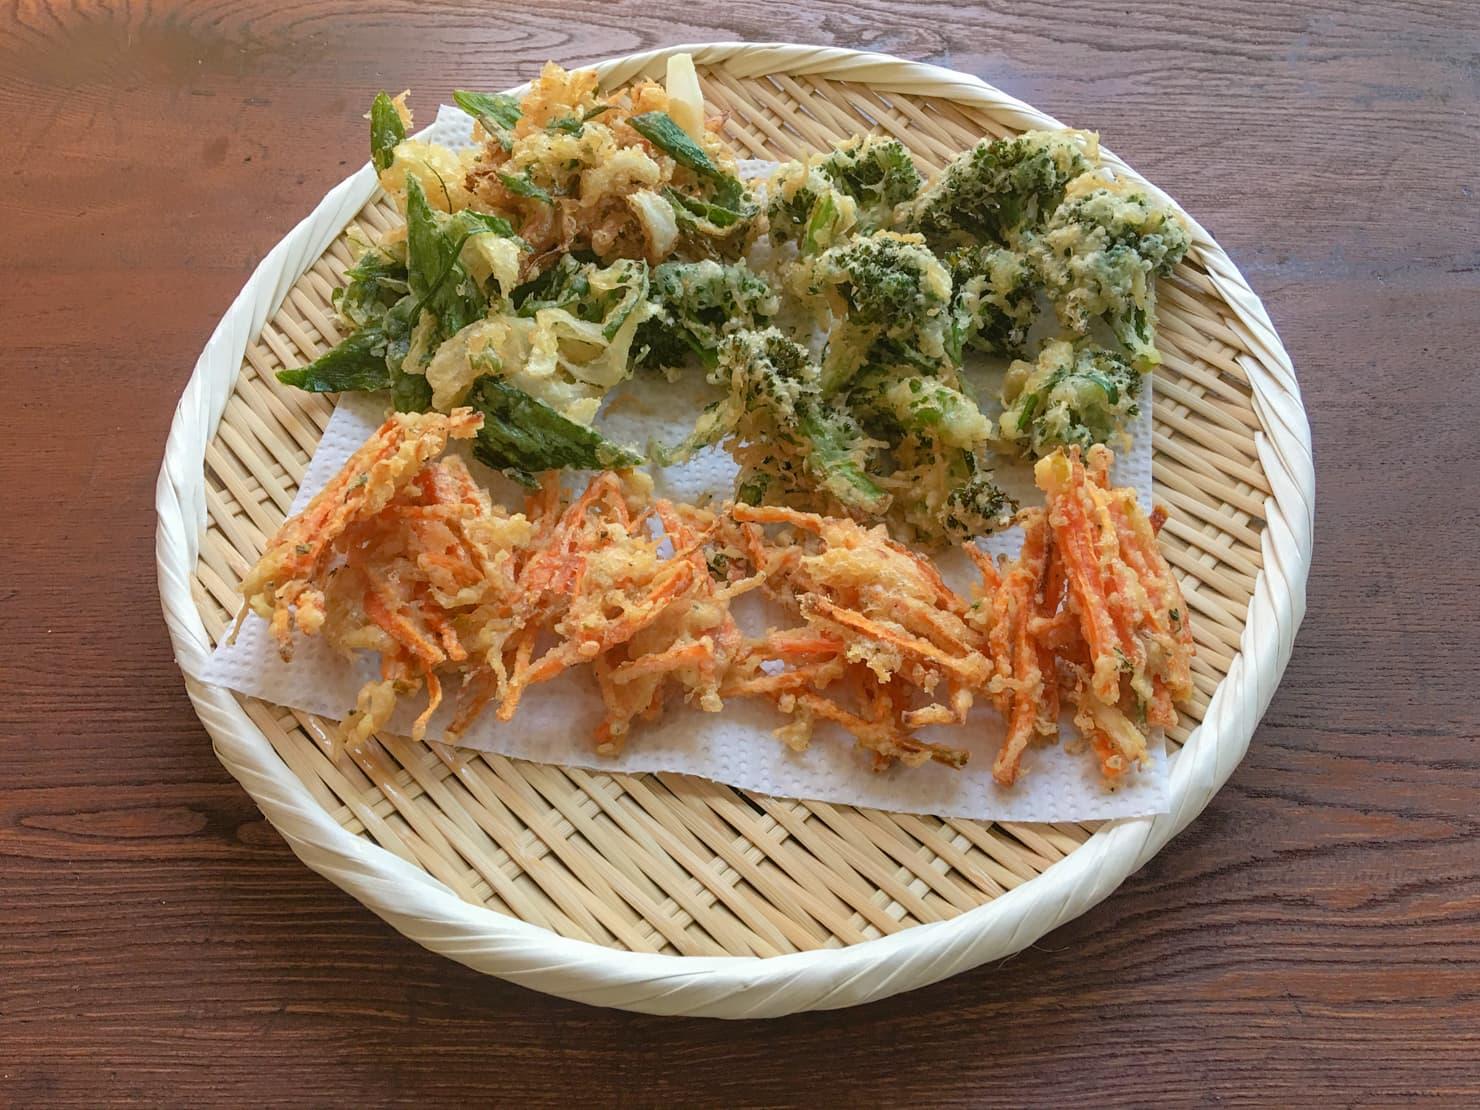 葉玉ねぎのかき揚げと春野菜の天ぷらの写真